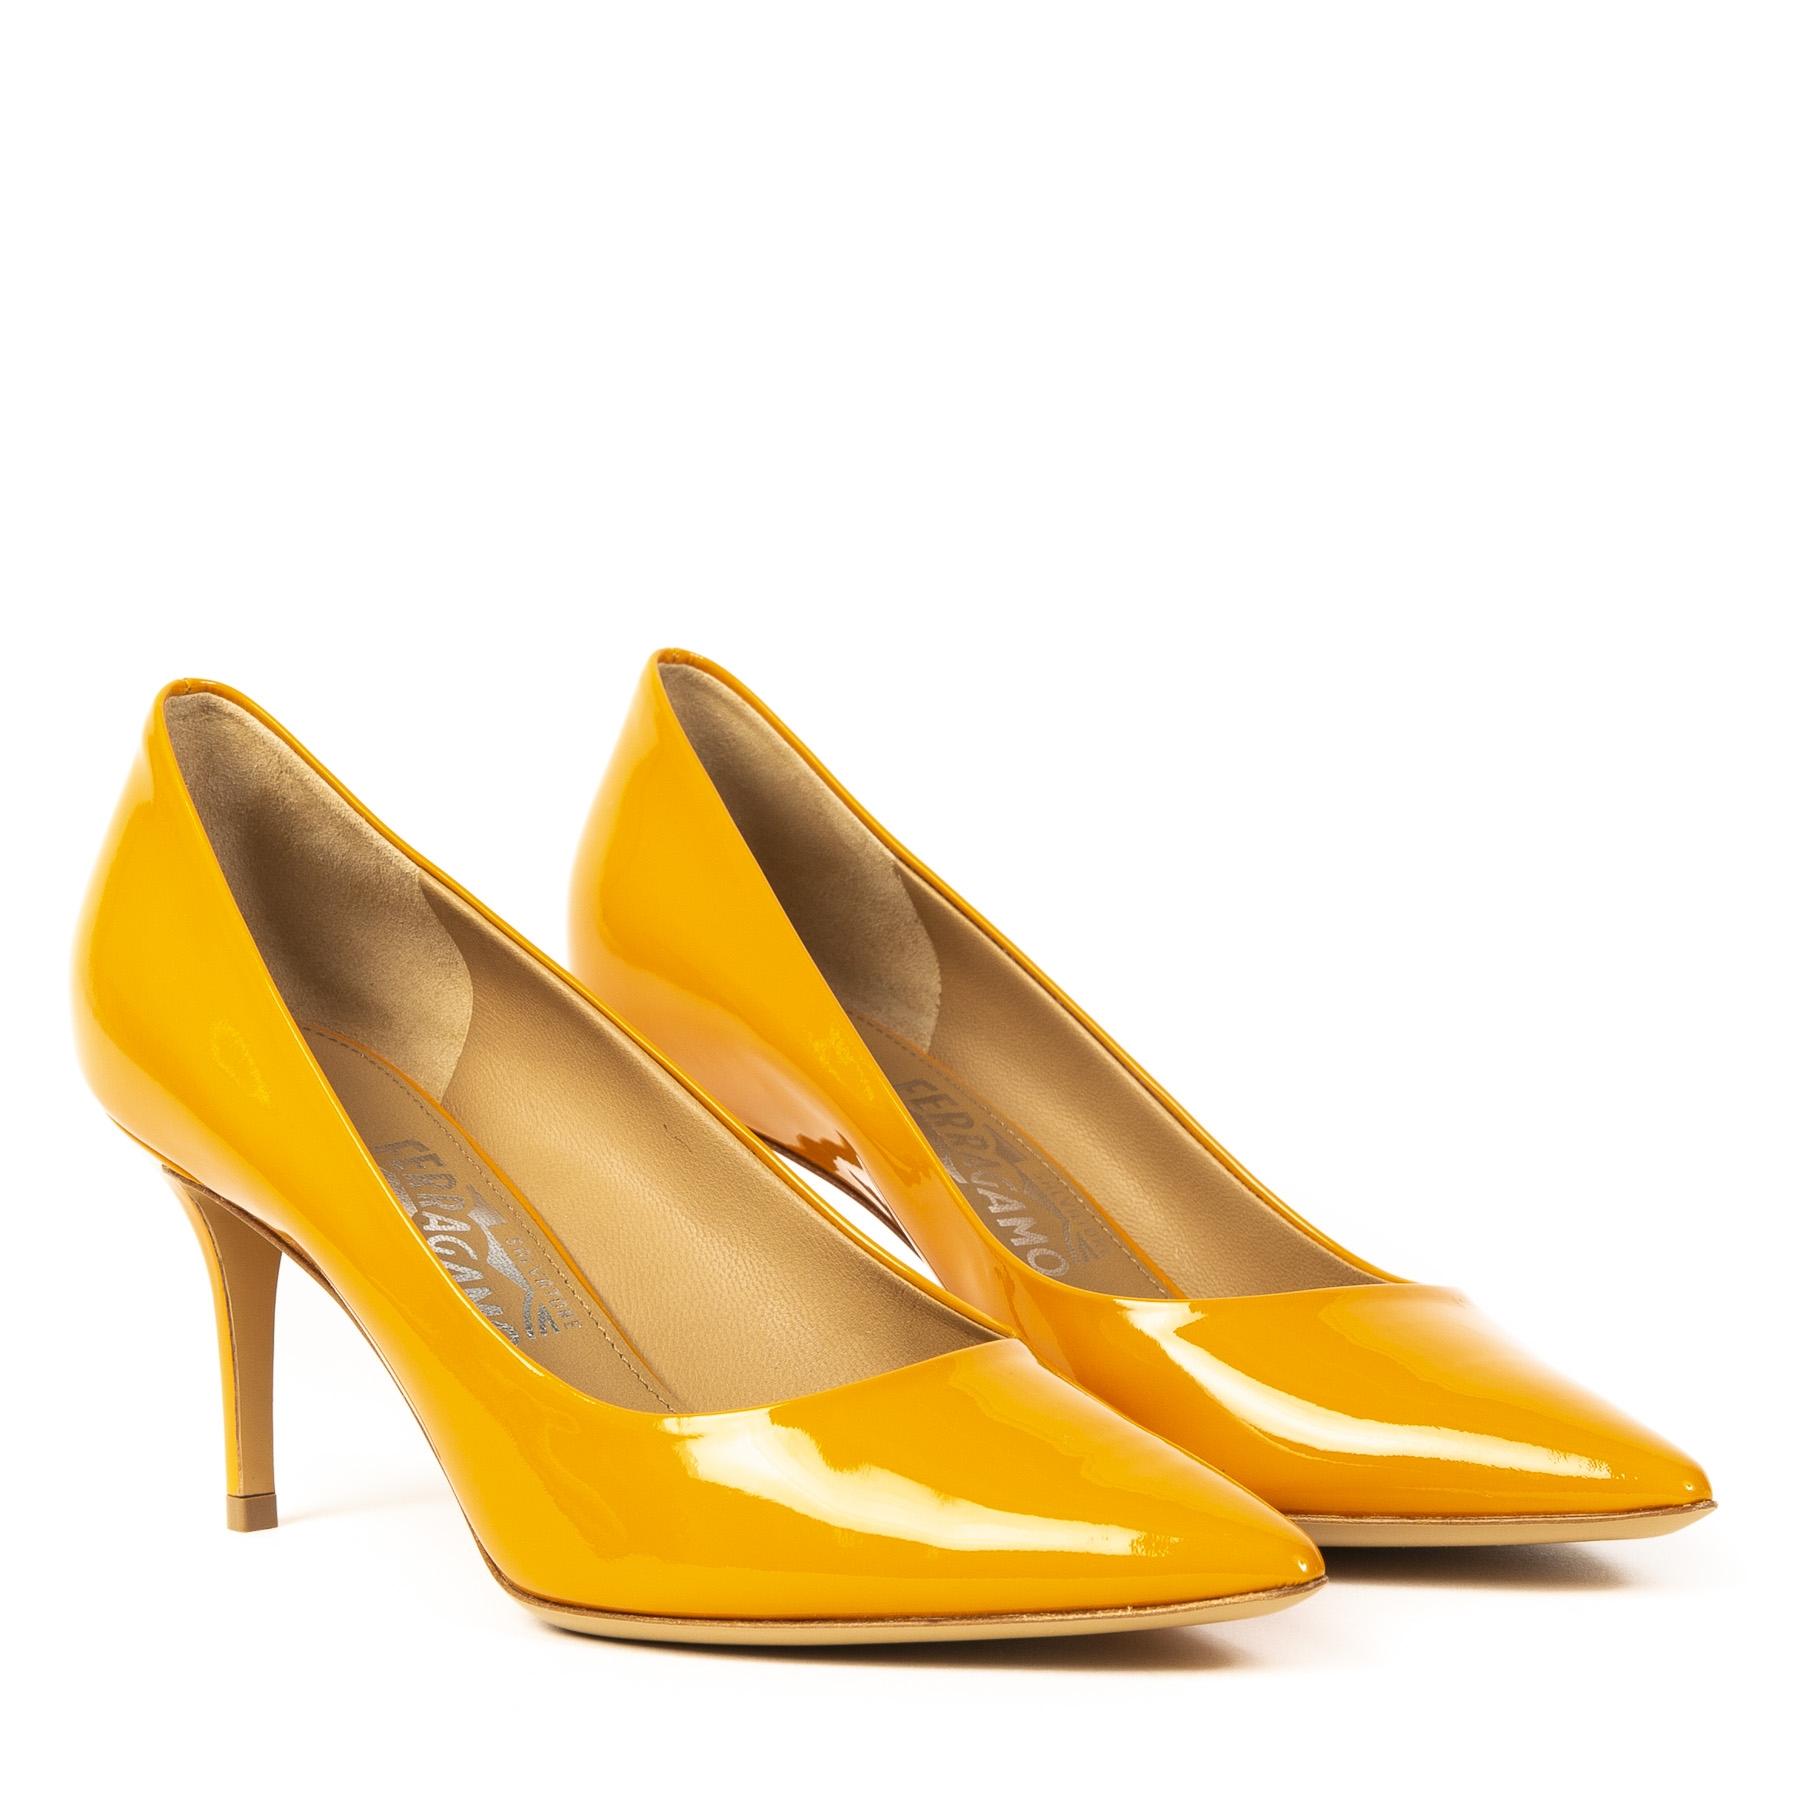 Authentieke Tweedehands Salvatore Ferragamo Orange Patent Leather Pumps Size 39 juiste prijs veilig online shoppen webshop luxe merken winkelen Antwerpen België